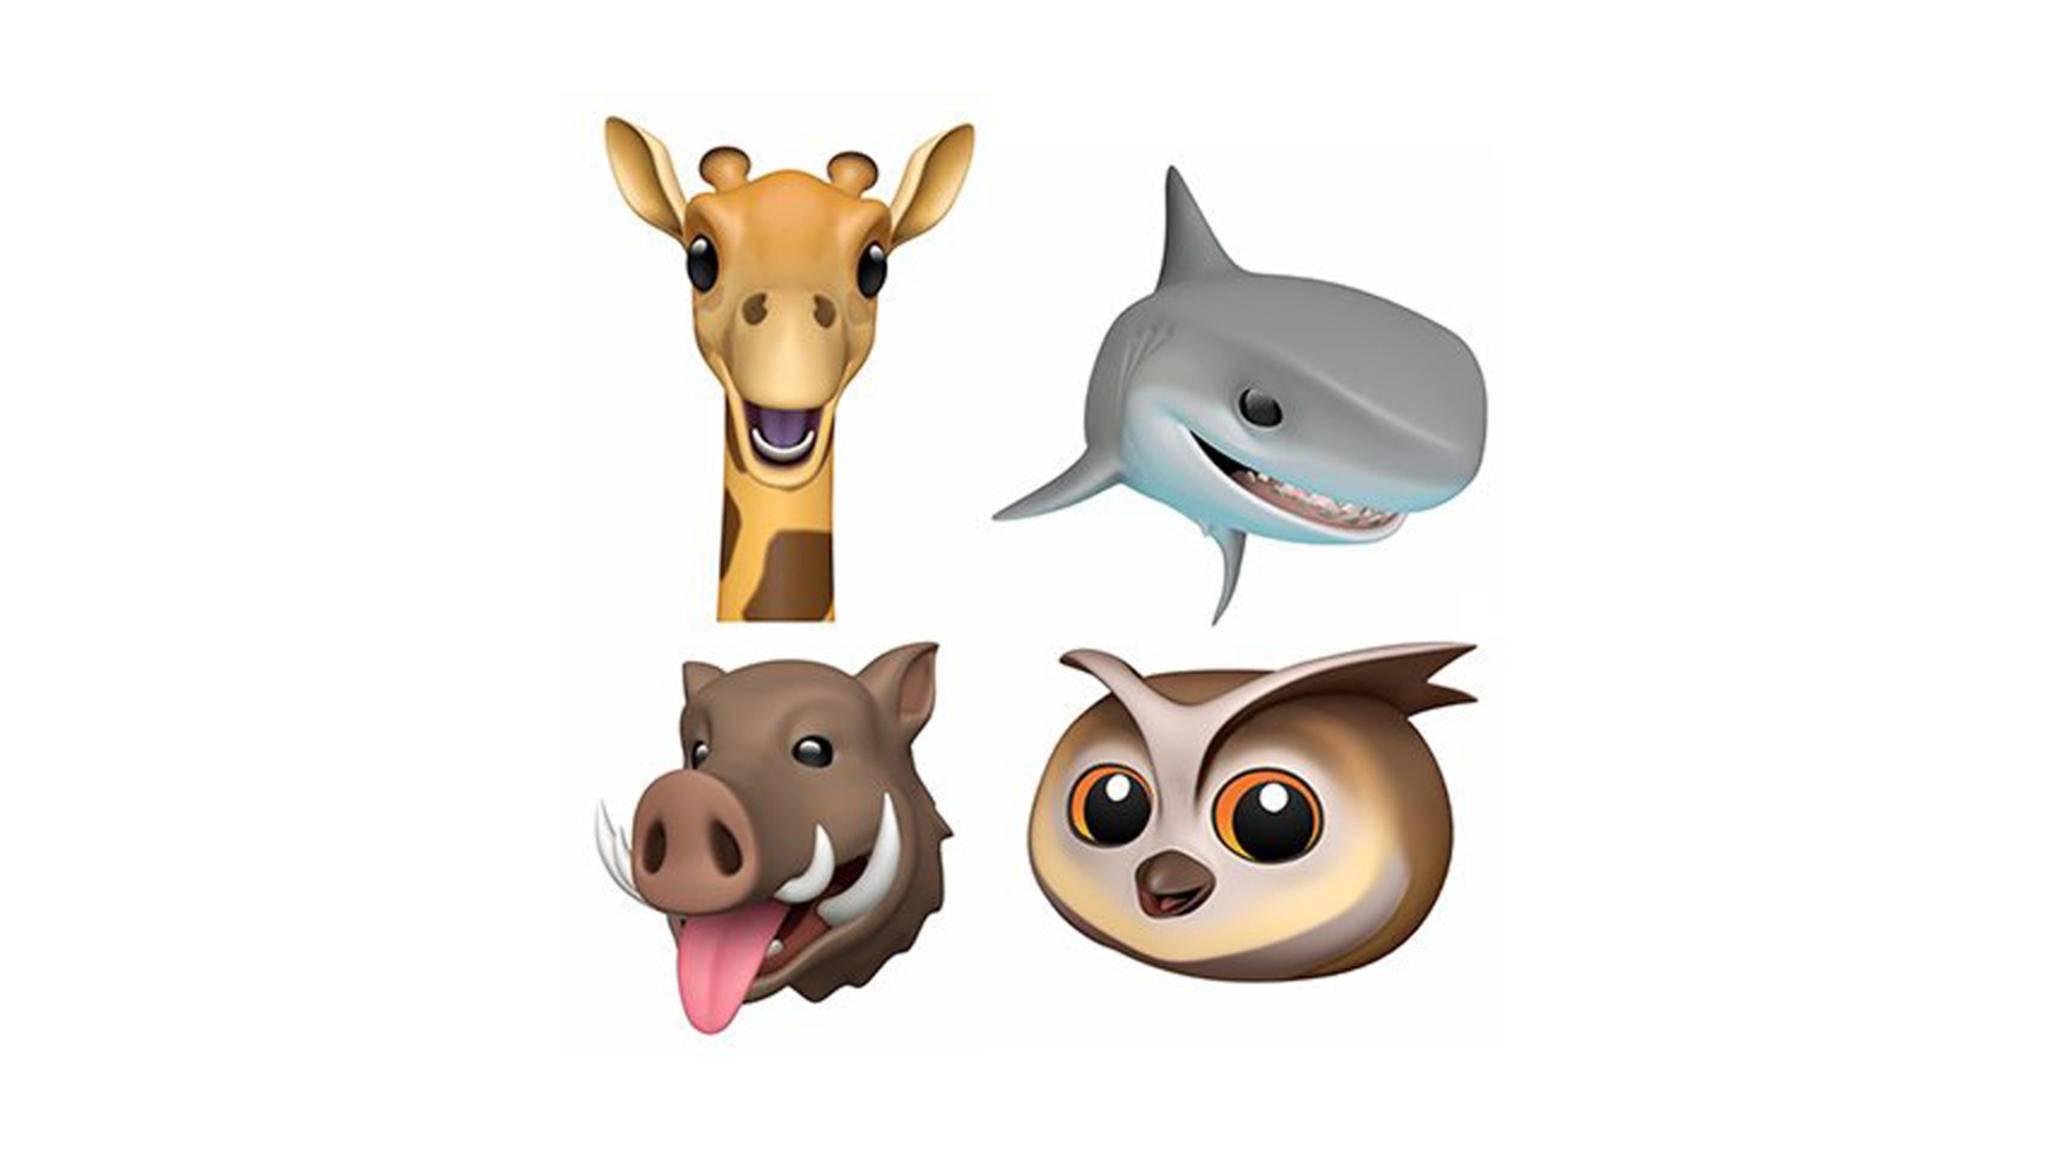 Giraffe, Wildschwein, Hai und Eule kommen in iOS 12.2 als neue Animojis hinzu.